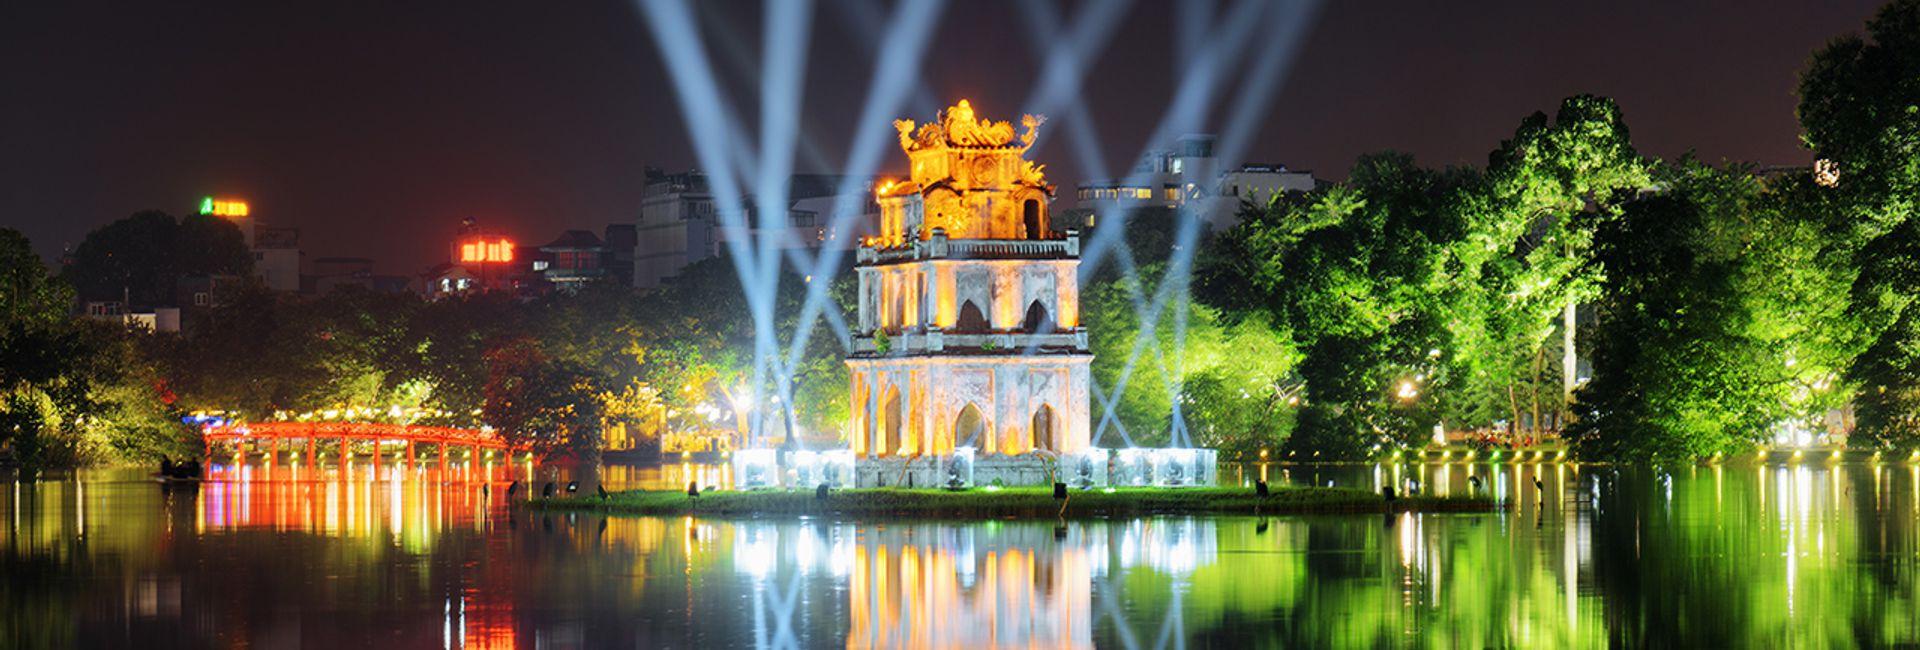 Tháp Rùa Hồ Gươm – Linh hồn của thủ đô Hà Nội